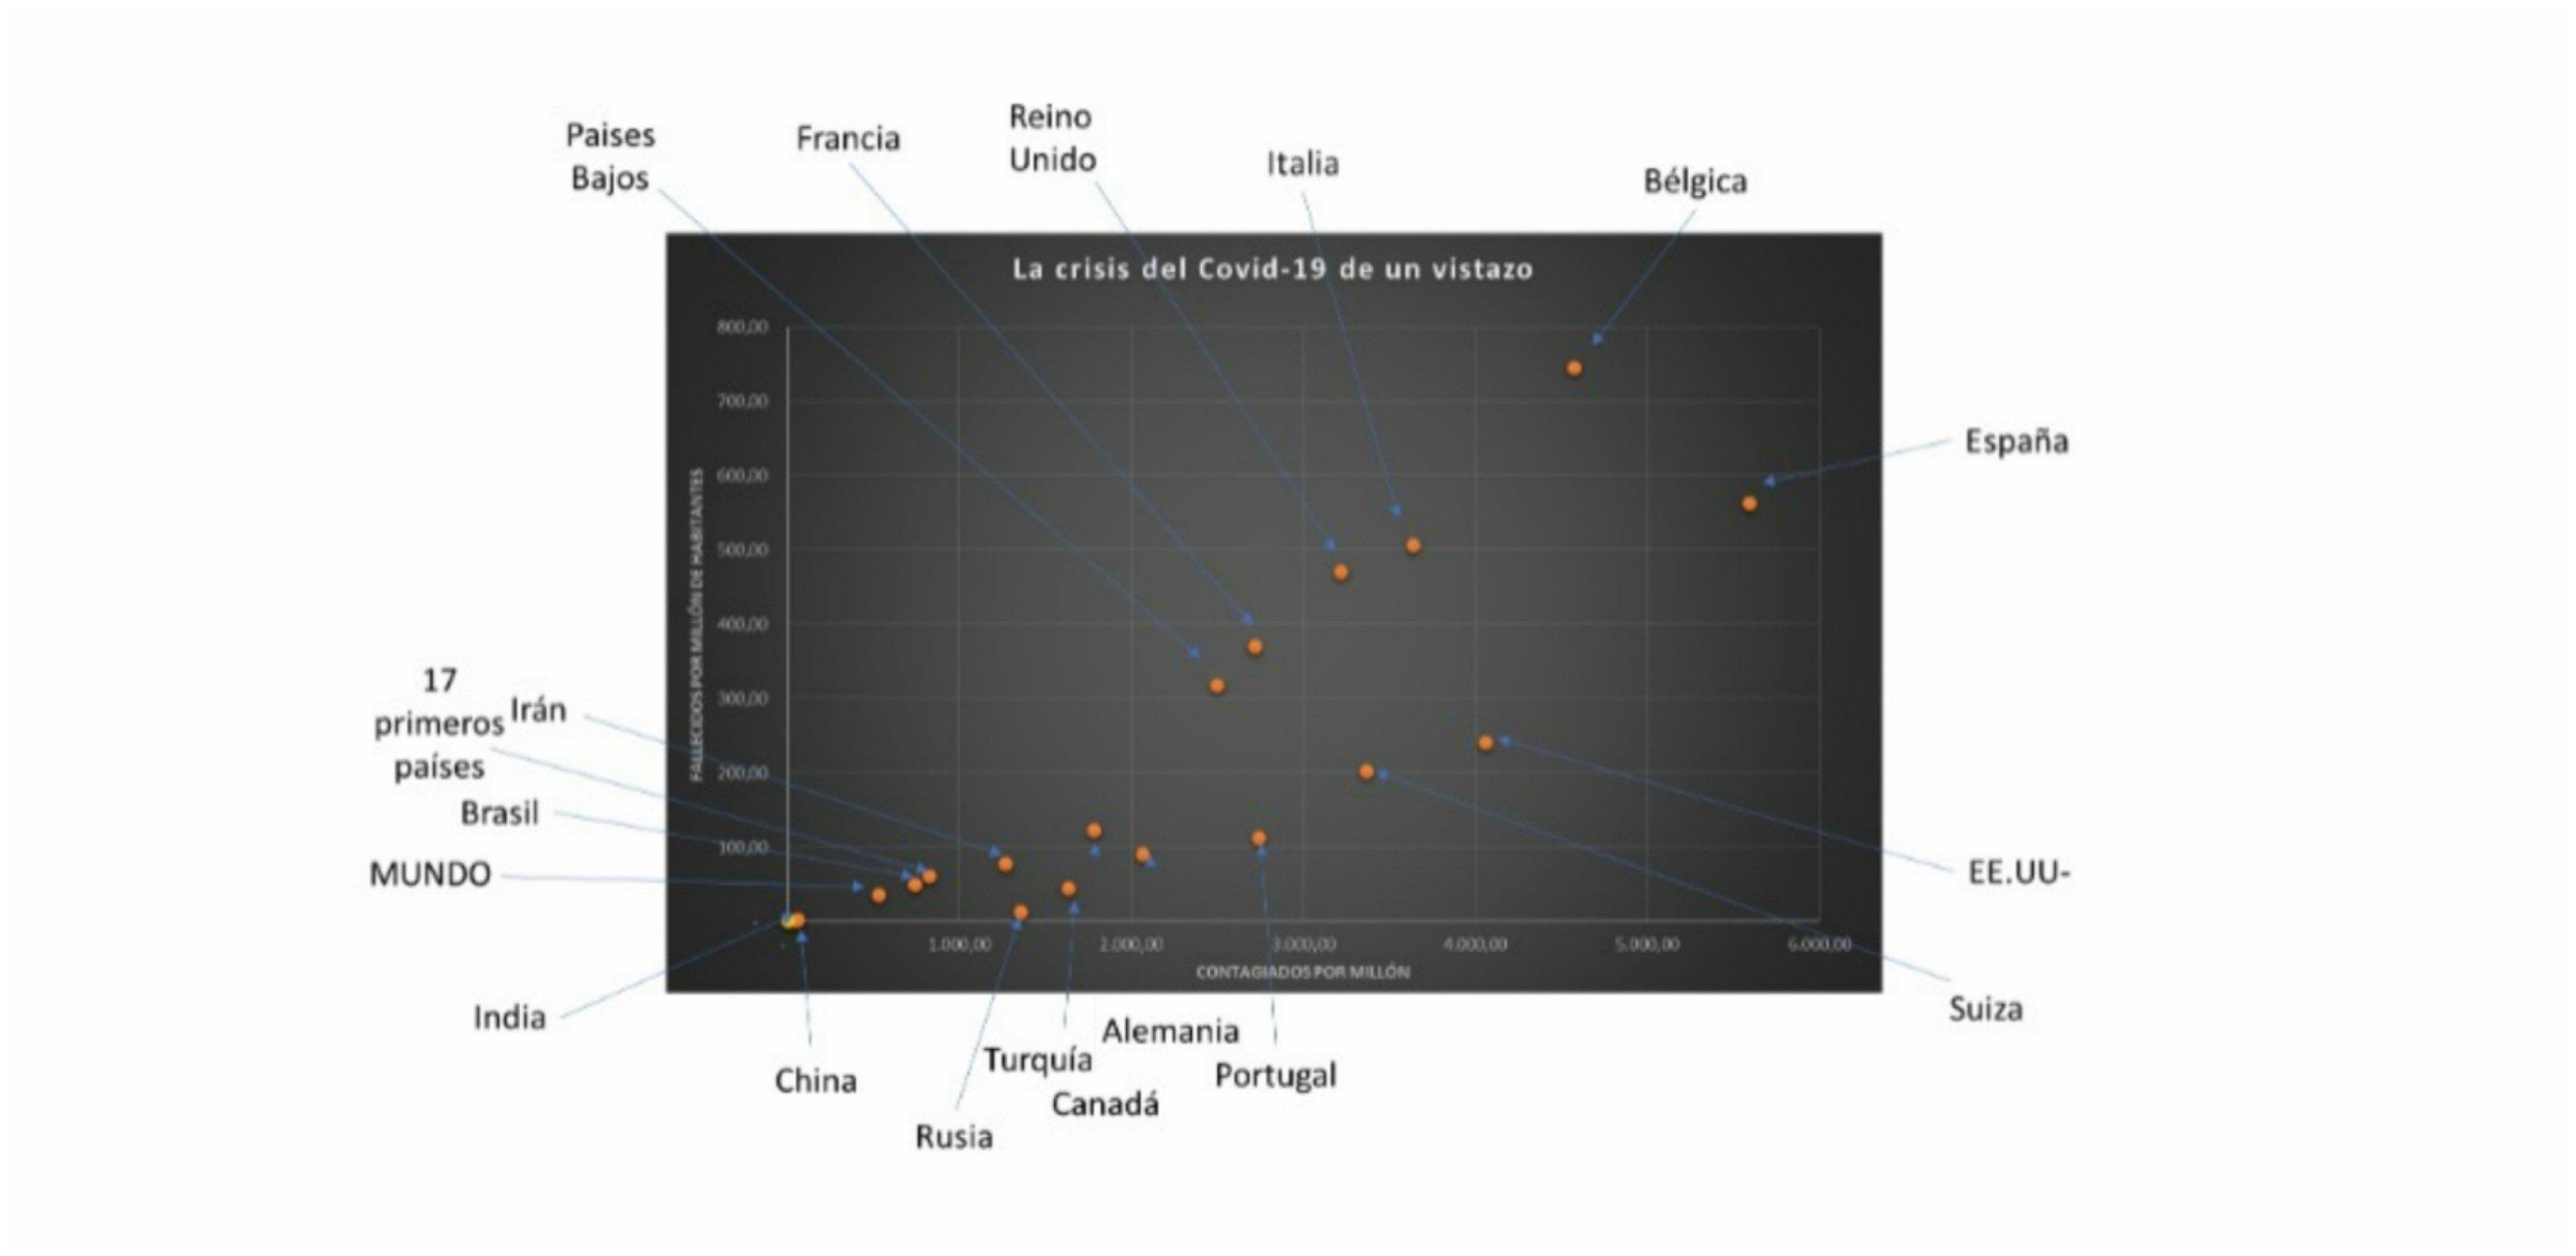 (Gráfico elaboración propia) El desastre Pedro Sánchez aún nos mantiene a la cabeza del mundo… en muertos